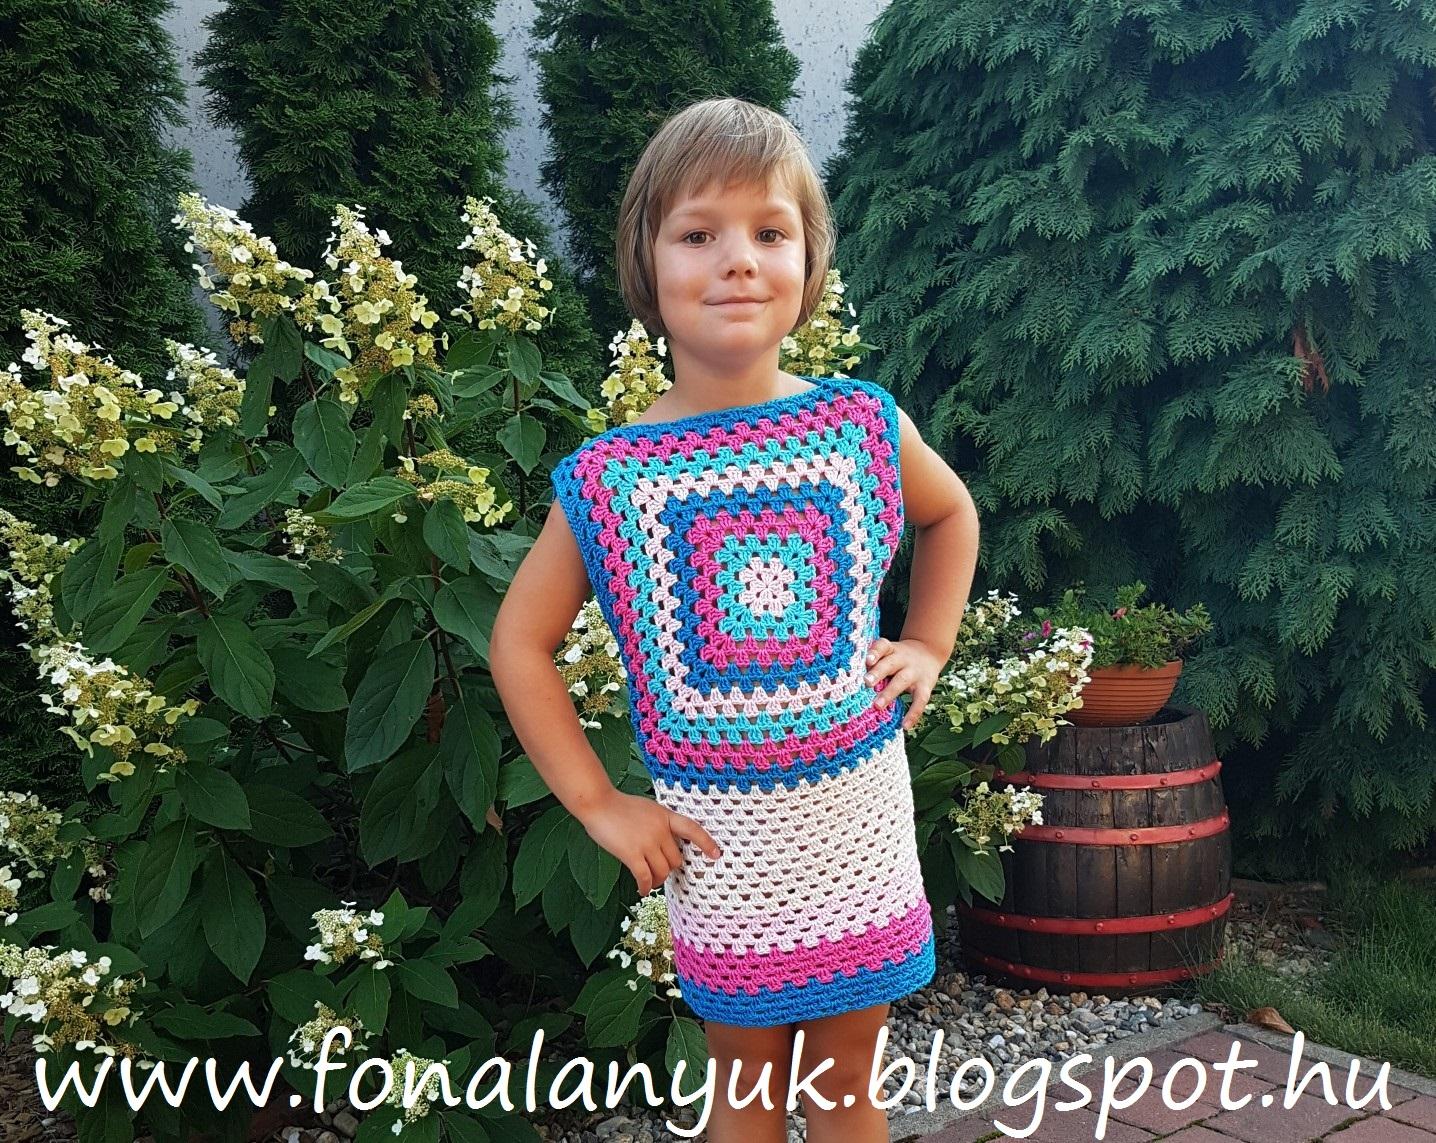 42b0b515bd FONAL ANYUK: Gyors nyári ruha nagyinégyzetből horgolva (gyereknek és ...